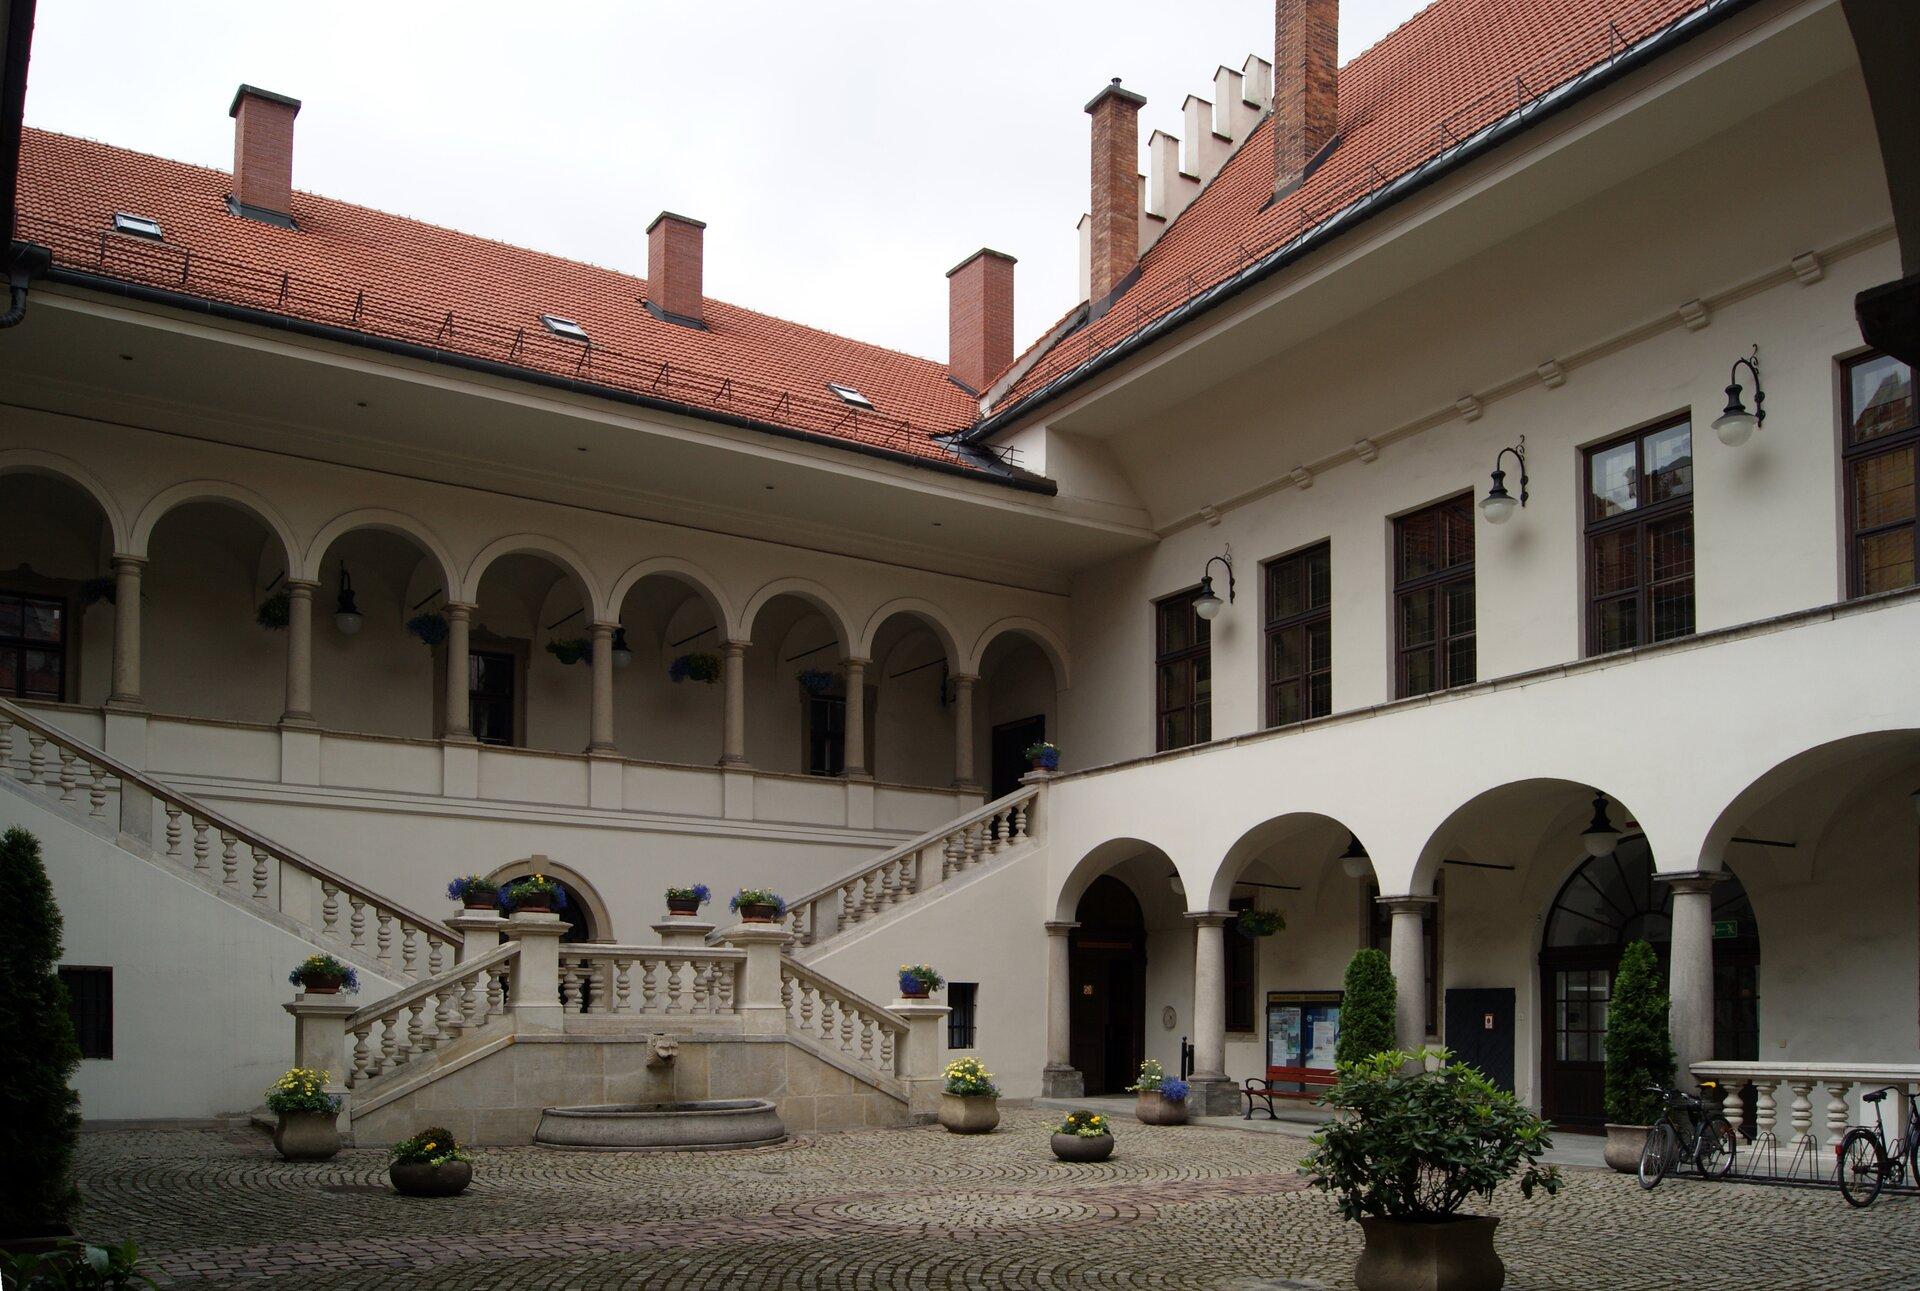 Kolegium Nowodworskiego, dziedziniec Źródło: Zygmunt Put, Kolegium Nowodworskiego, dziedziniec, 2012, fotografia, licencja: CC BY-SA 4.0.